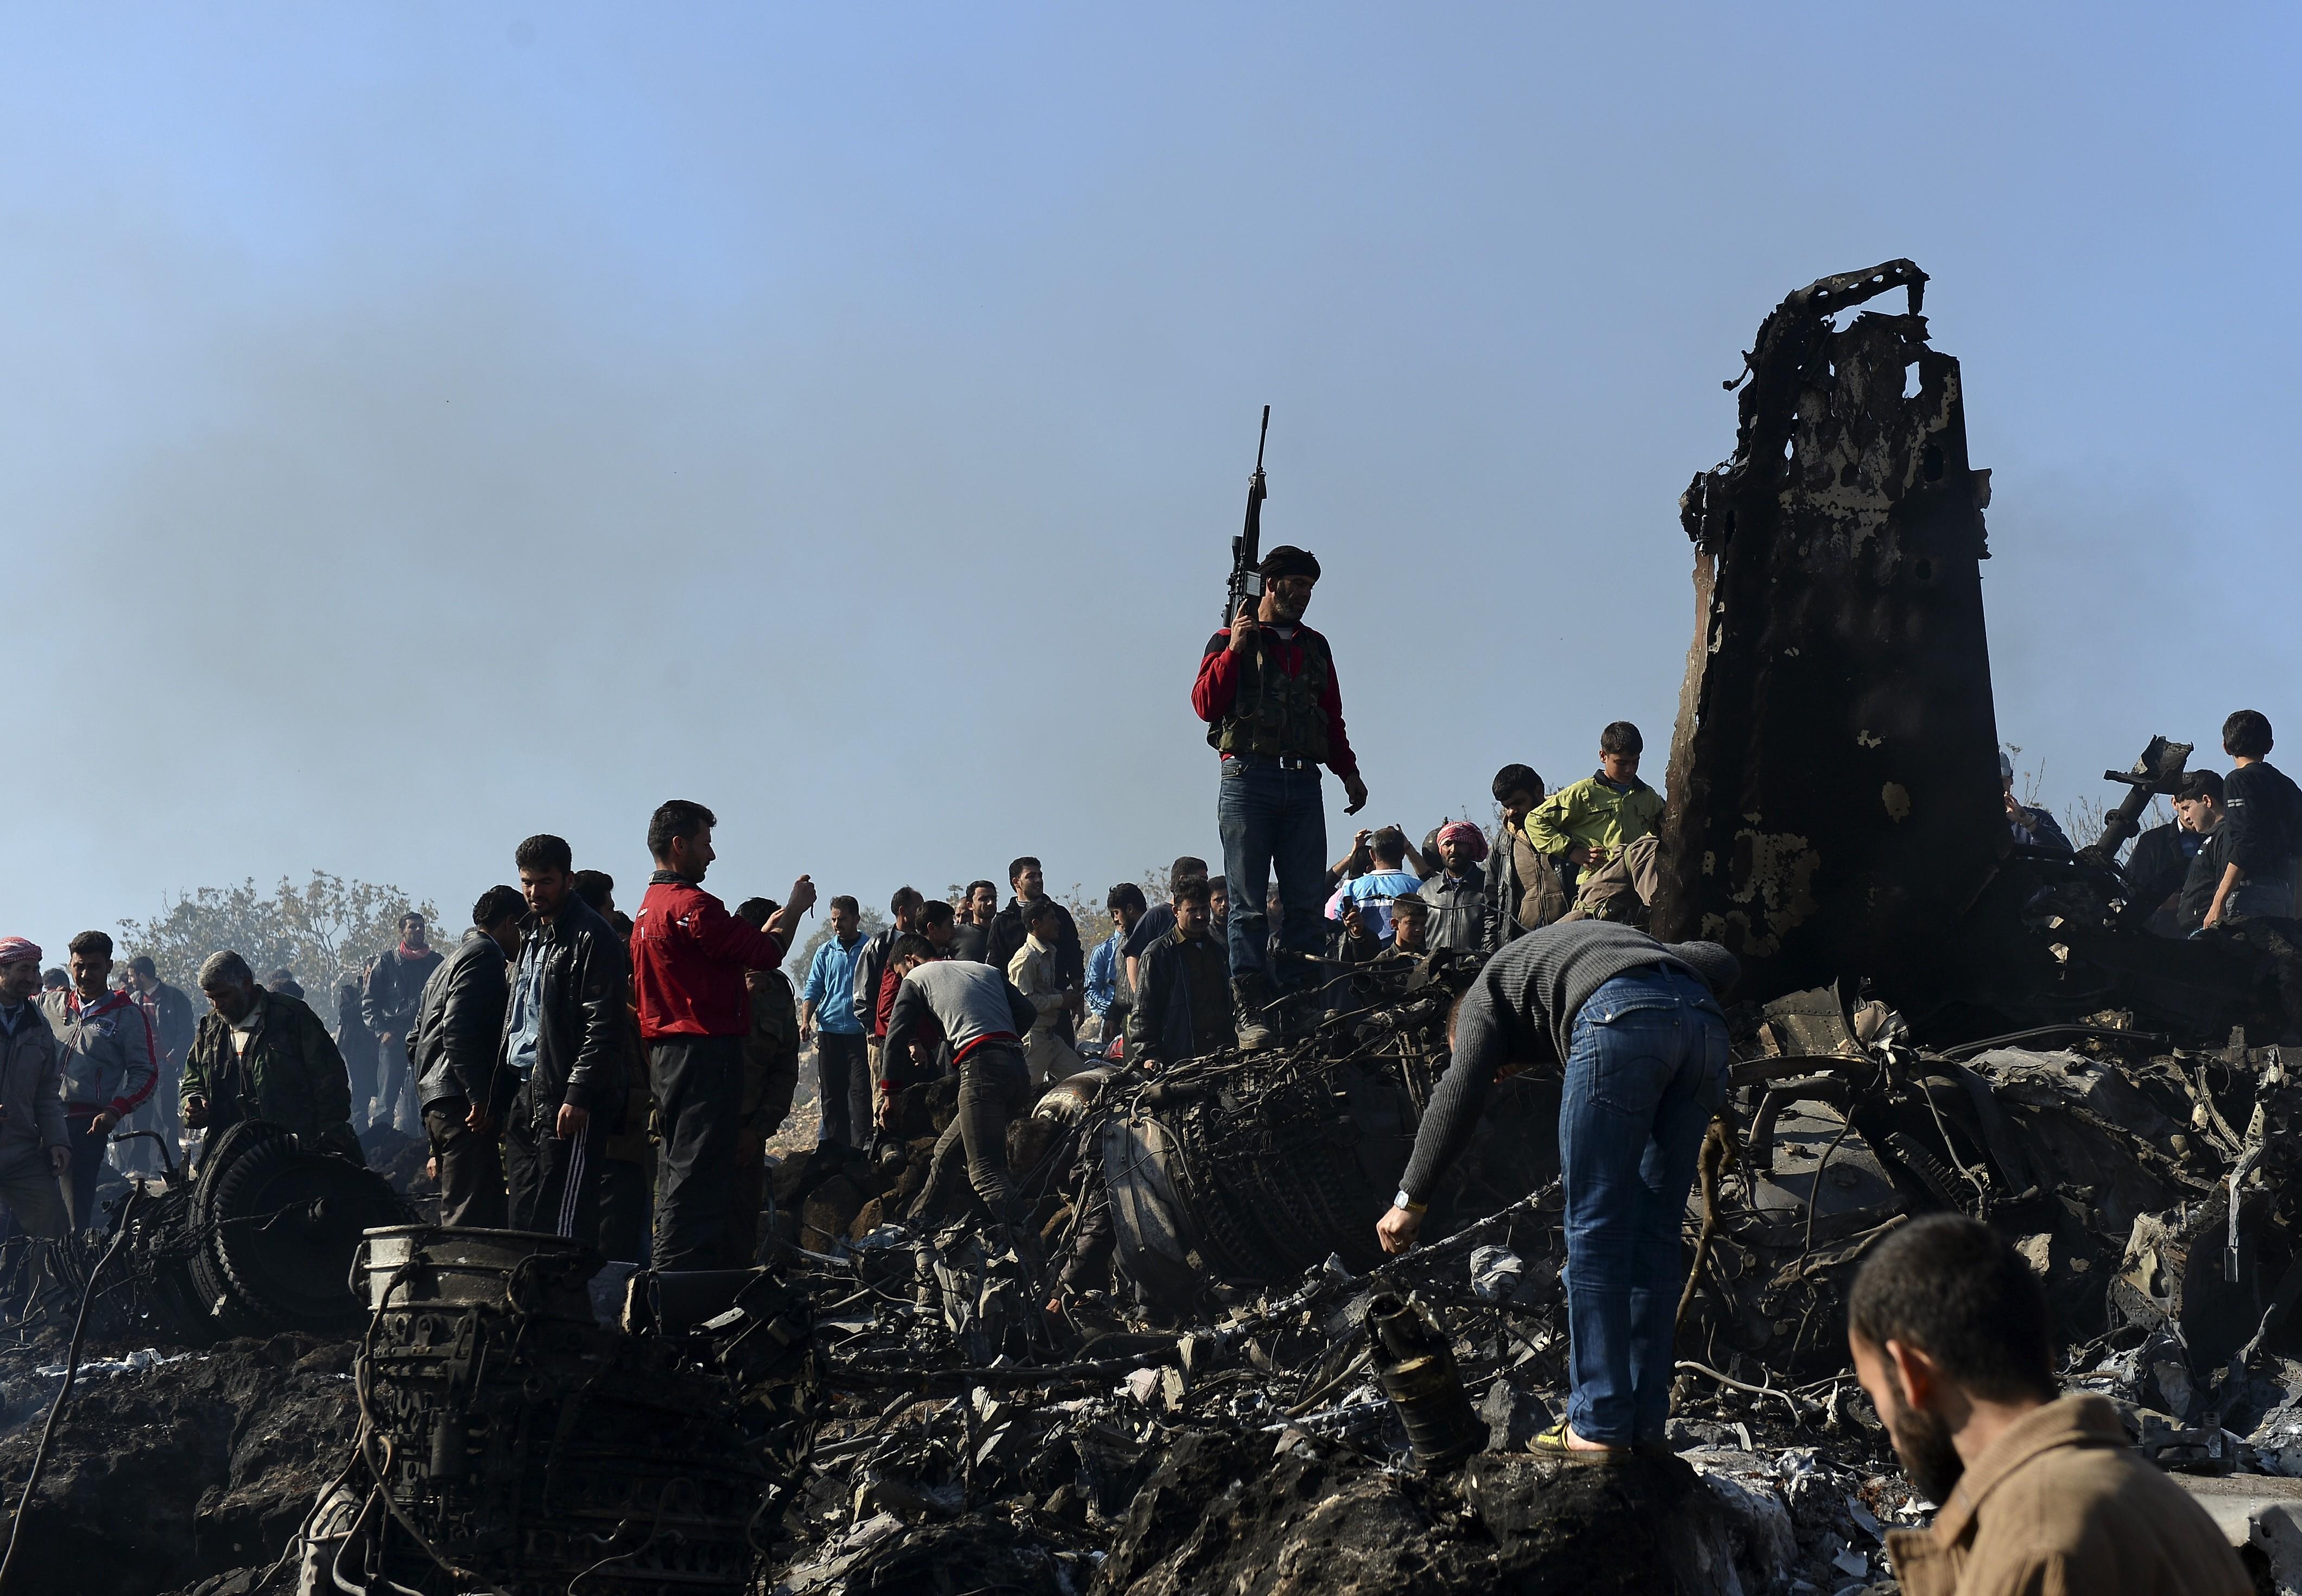 Гражданская война в Сирии унесла жизни 60 тыс человек - ООН